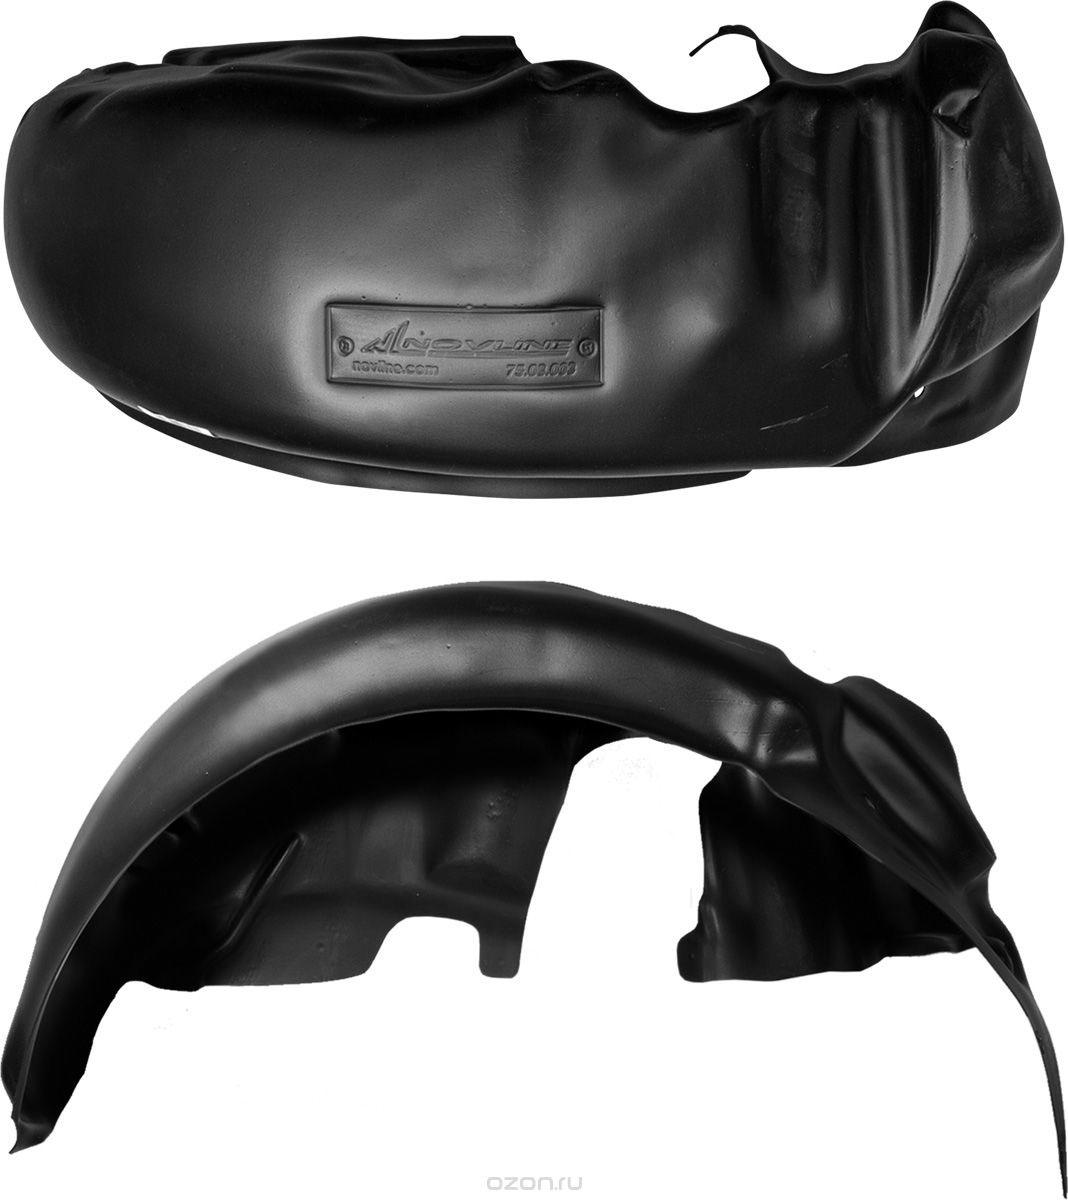 Подкрылок Novline-Autofamily, для Chery Indis, 2011->, передний правыйNLL.63.12.002Идеальная защита колесной ниши. Локеры разработаны с применением цифровых технологий, гарантируют максимальную повторяемость поверхности арки. Изделия устанавливаются без нарушения лакокрасочного покрытия автомобиля, каждый подкрылок комплектуется крепежом. Уважаемые клиенты, обращаем ваше внимание, что фотографии на подкрылки универсальные и не отражают реальную форму изделия. При этом само изделие идет точно под размер указанного автомобиля.